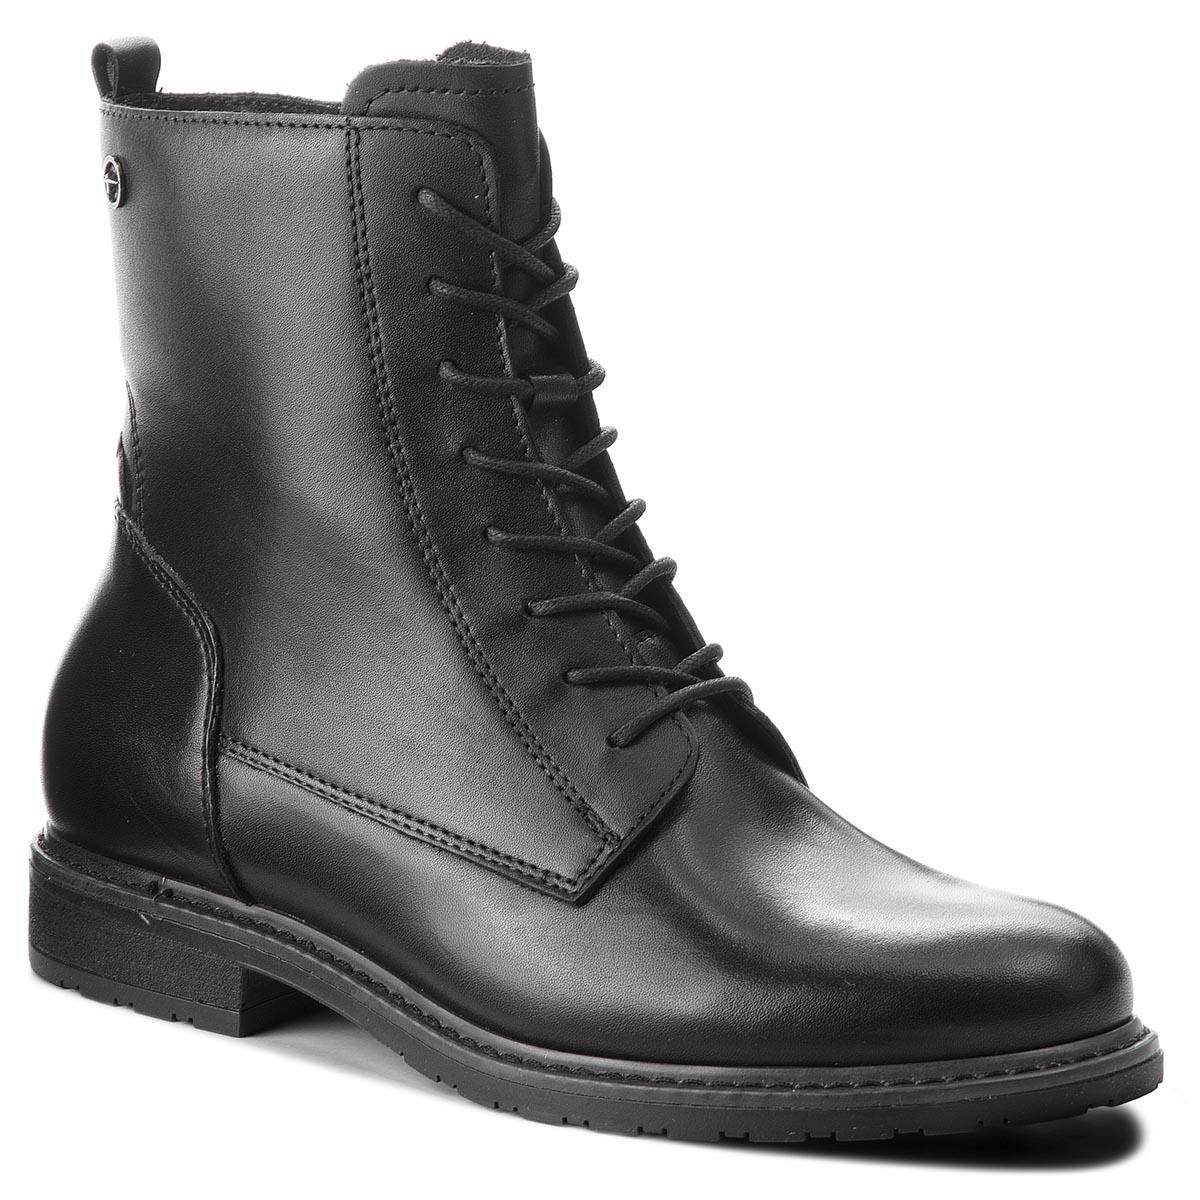 Magasított cipő TAMARIS - 1-25125-21 Black Leather 003 - Glami.hu e497e7611c